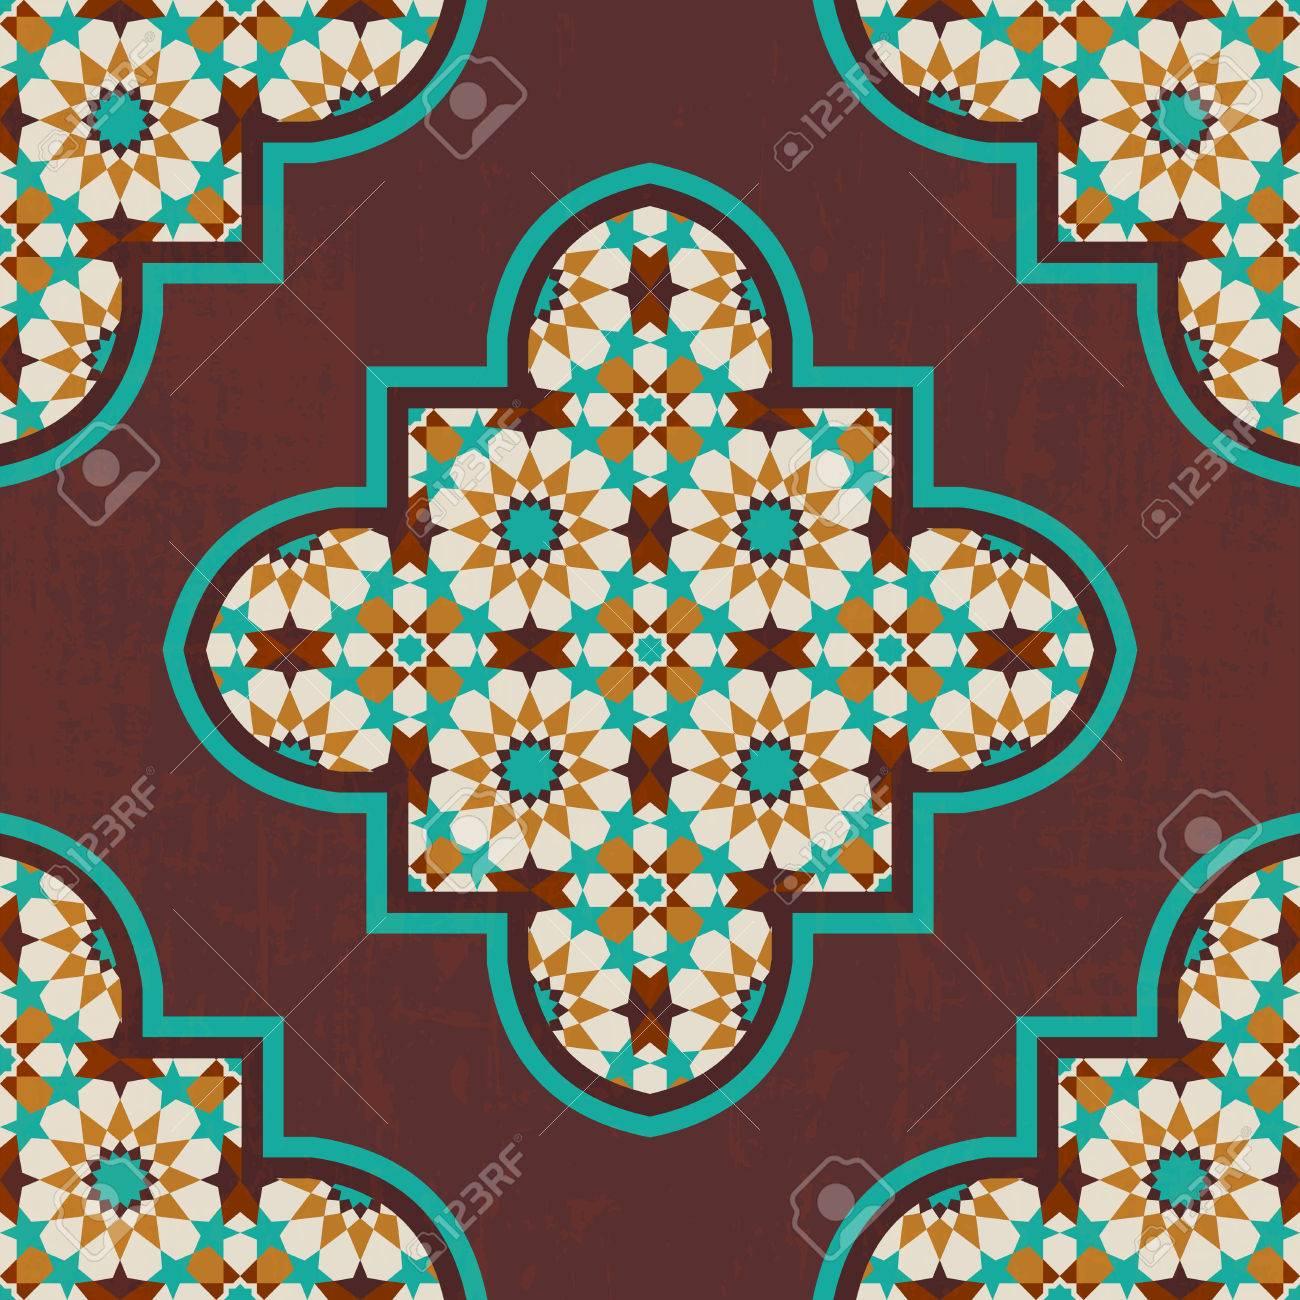 Ongekend Vintage Quatrefoil Marokkaanse Mozaïek Tegel Naadloze Patroon HM-01